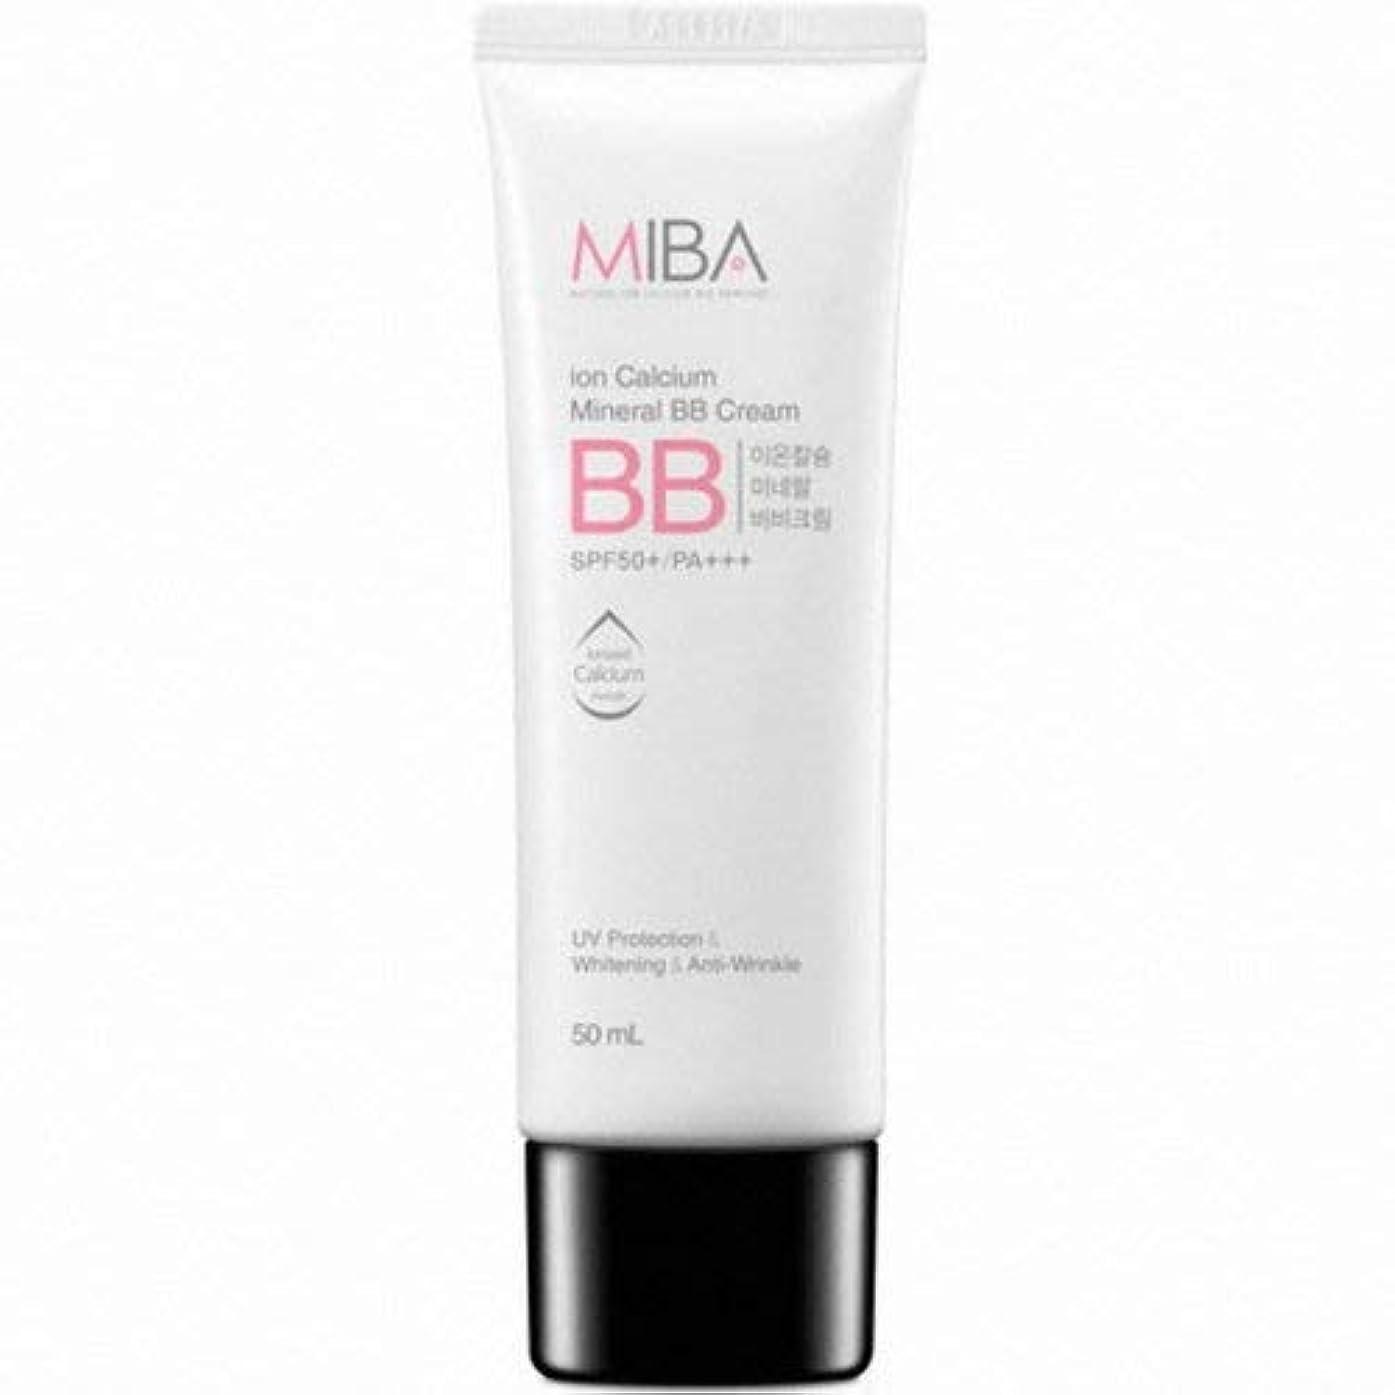 悪性腫瘍化粧確執MINERALBIO ミバ イオン カルシウム ミネラル ビビクリーム/MIBA Ion Calcium Mineral BB Cream (50ml) [並行輸入品]